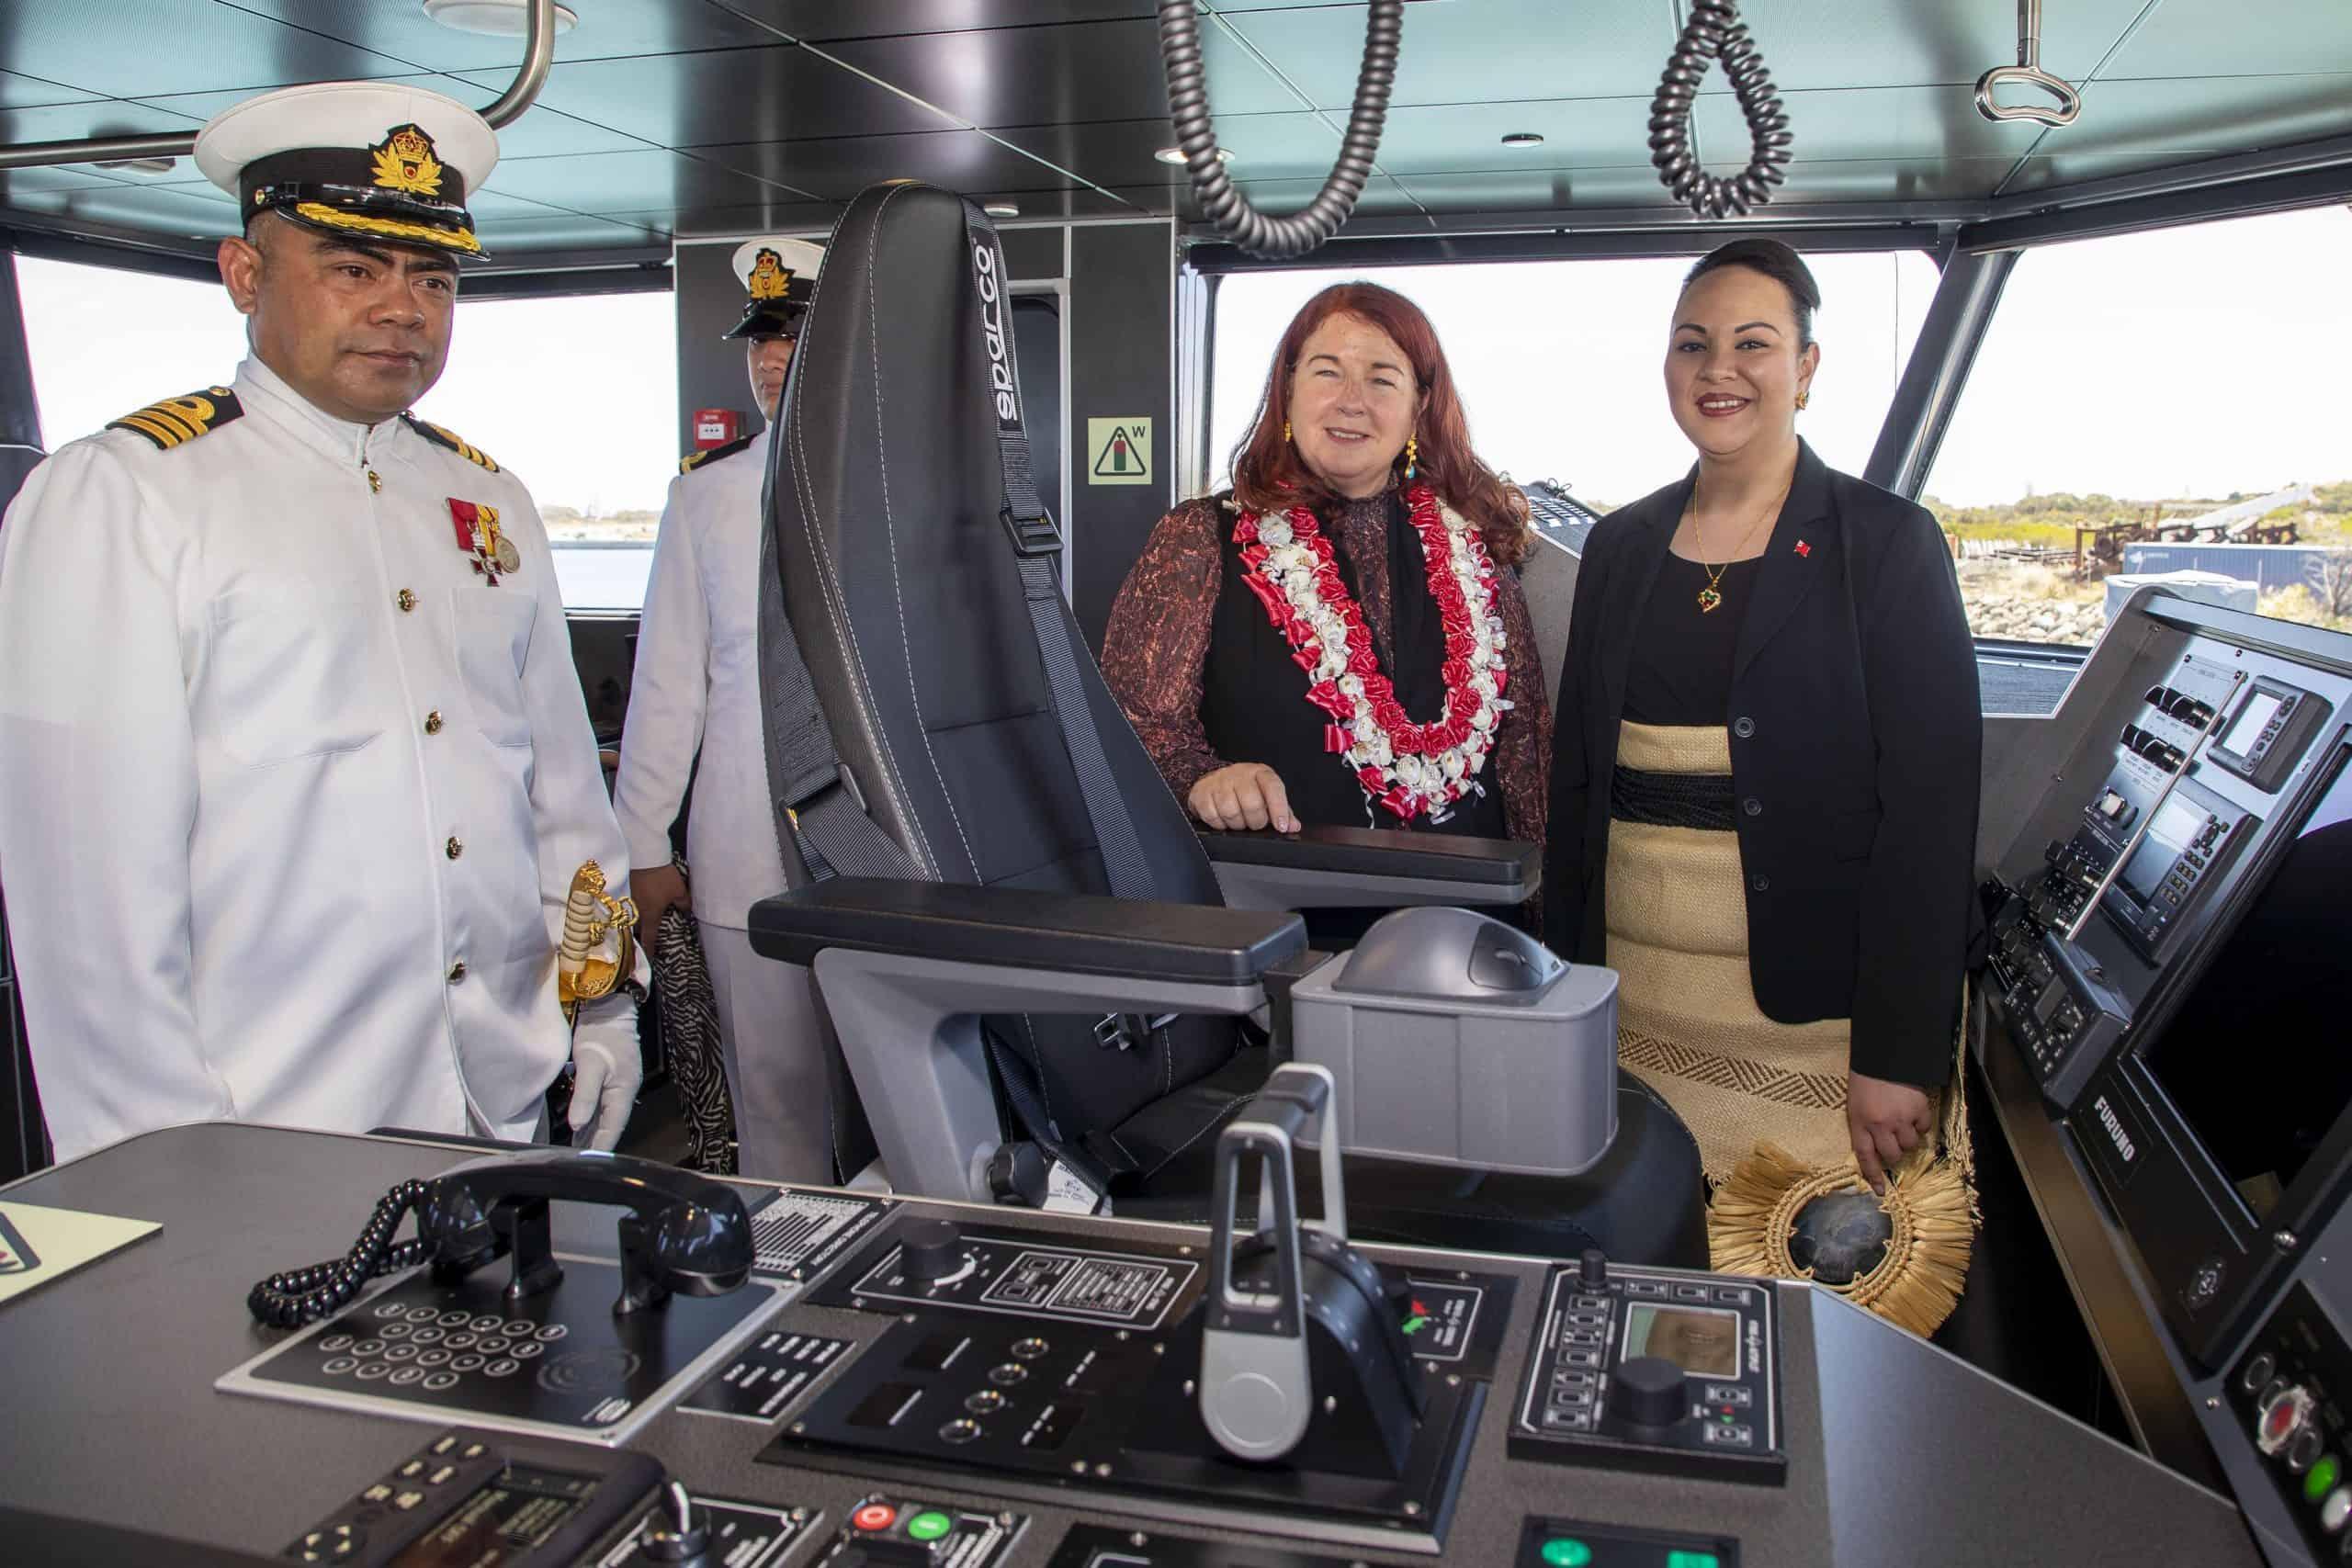 Королівство Тонга отримало патрульний катер Guardian. Фото: ЗМІ Австралії